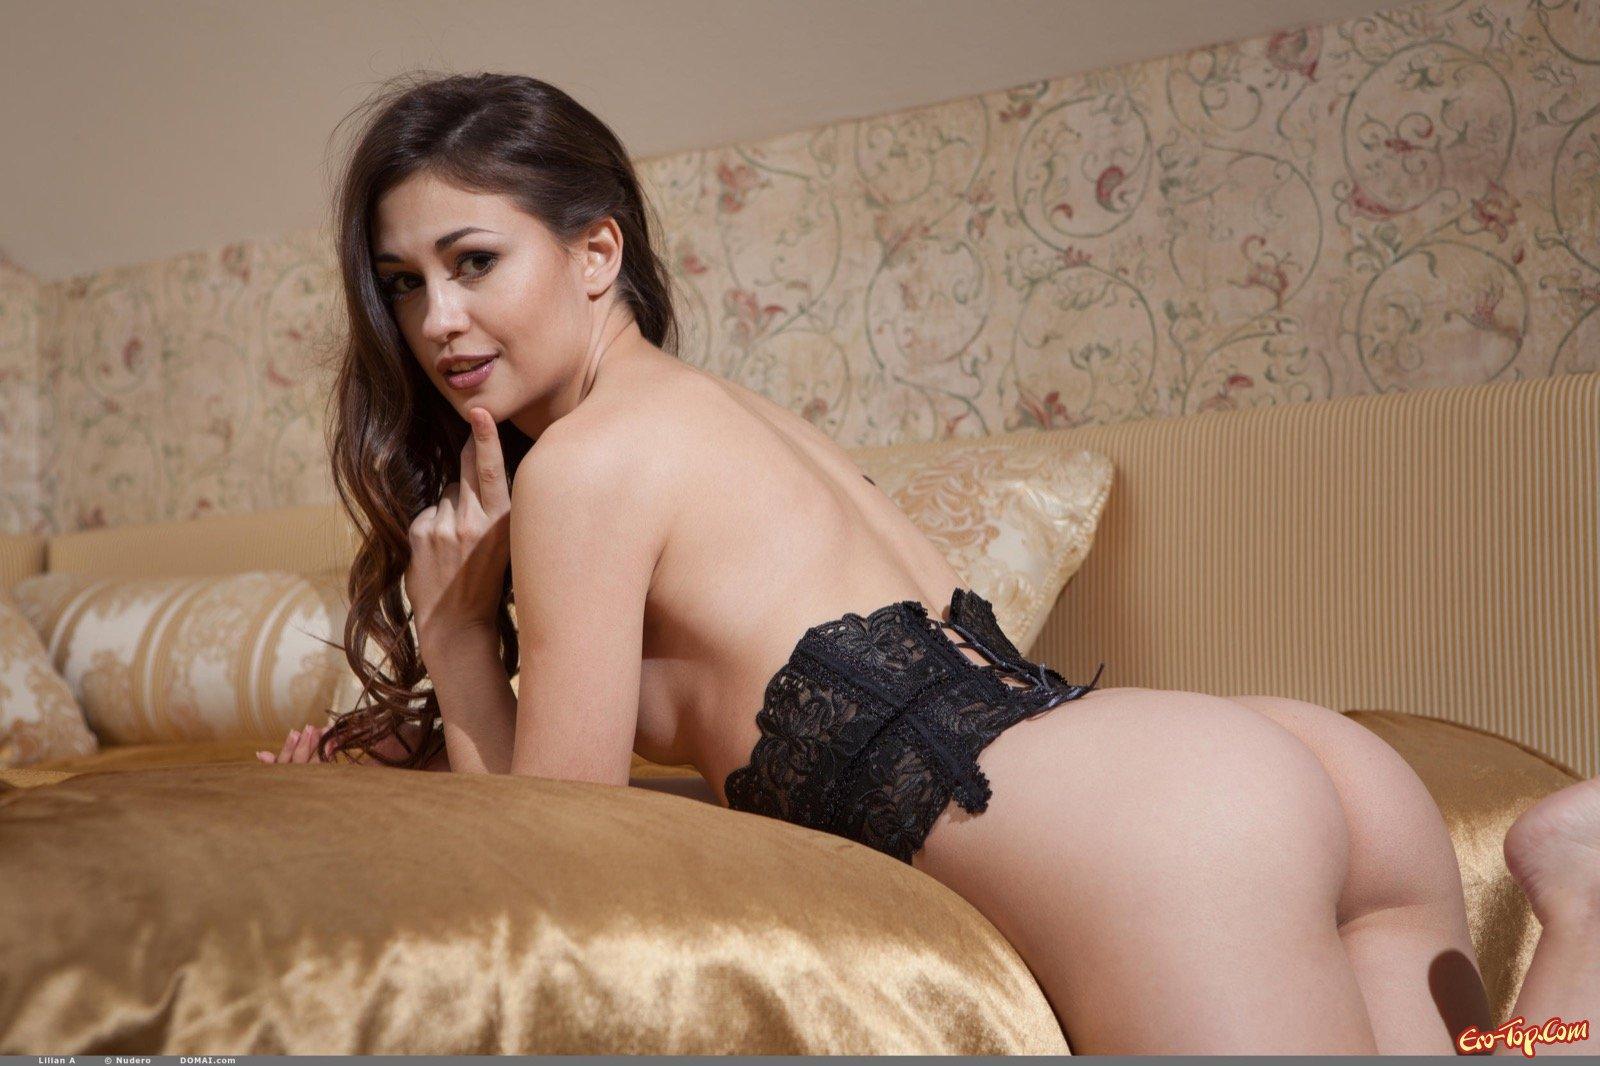 Красавица в корсете демонстрирует сексуальное тело